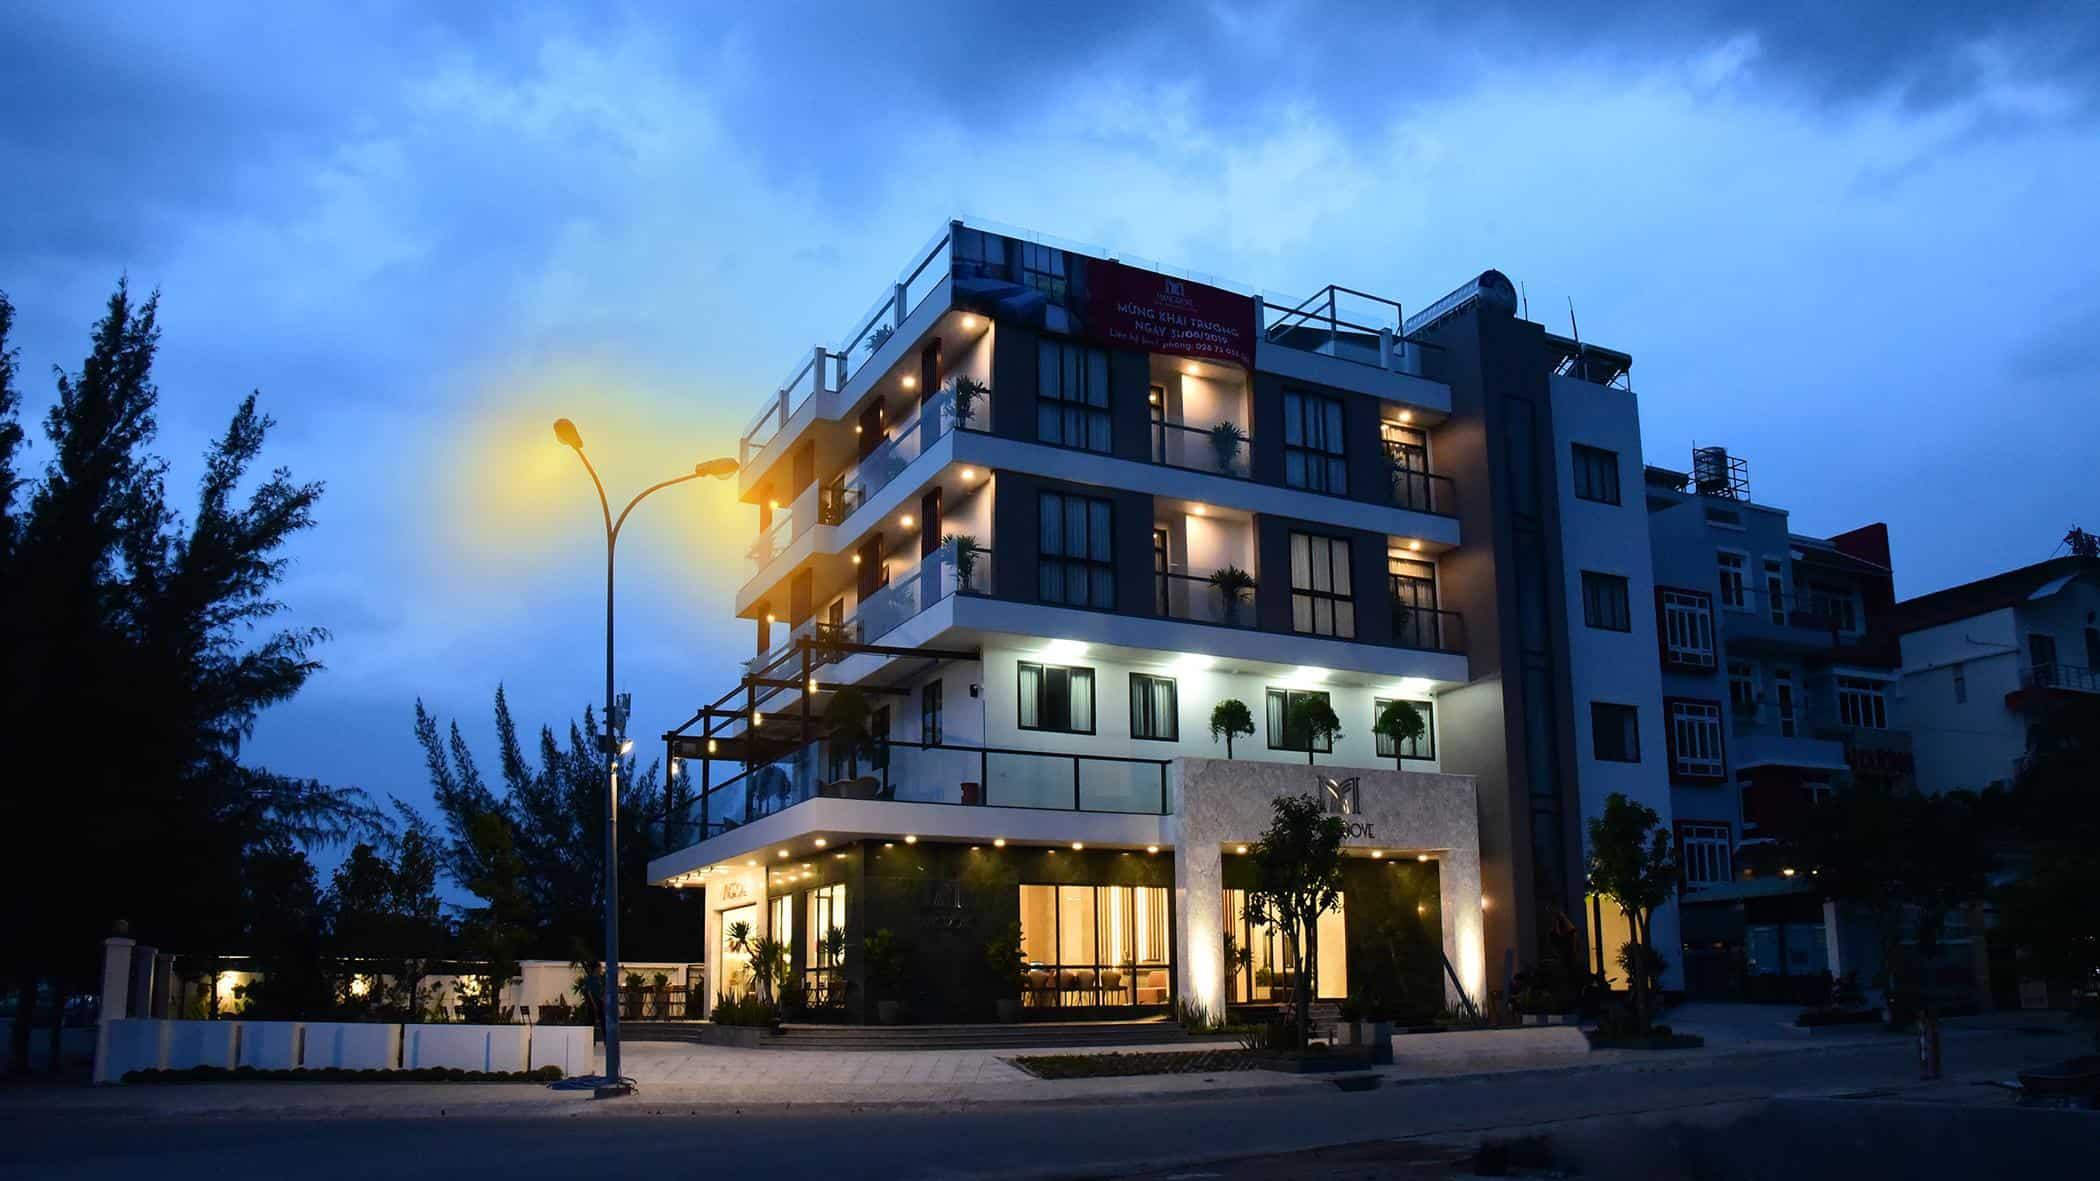 Các khách sạn, resort, nhà nghỉ homestay giá rẻ ở Cần Giờ